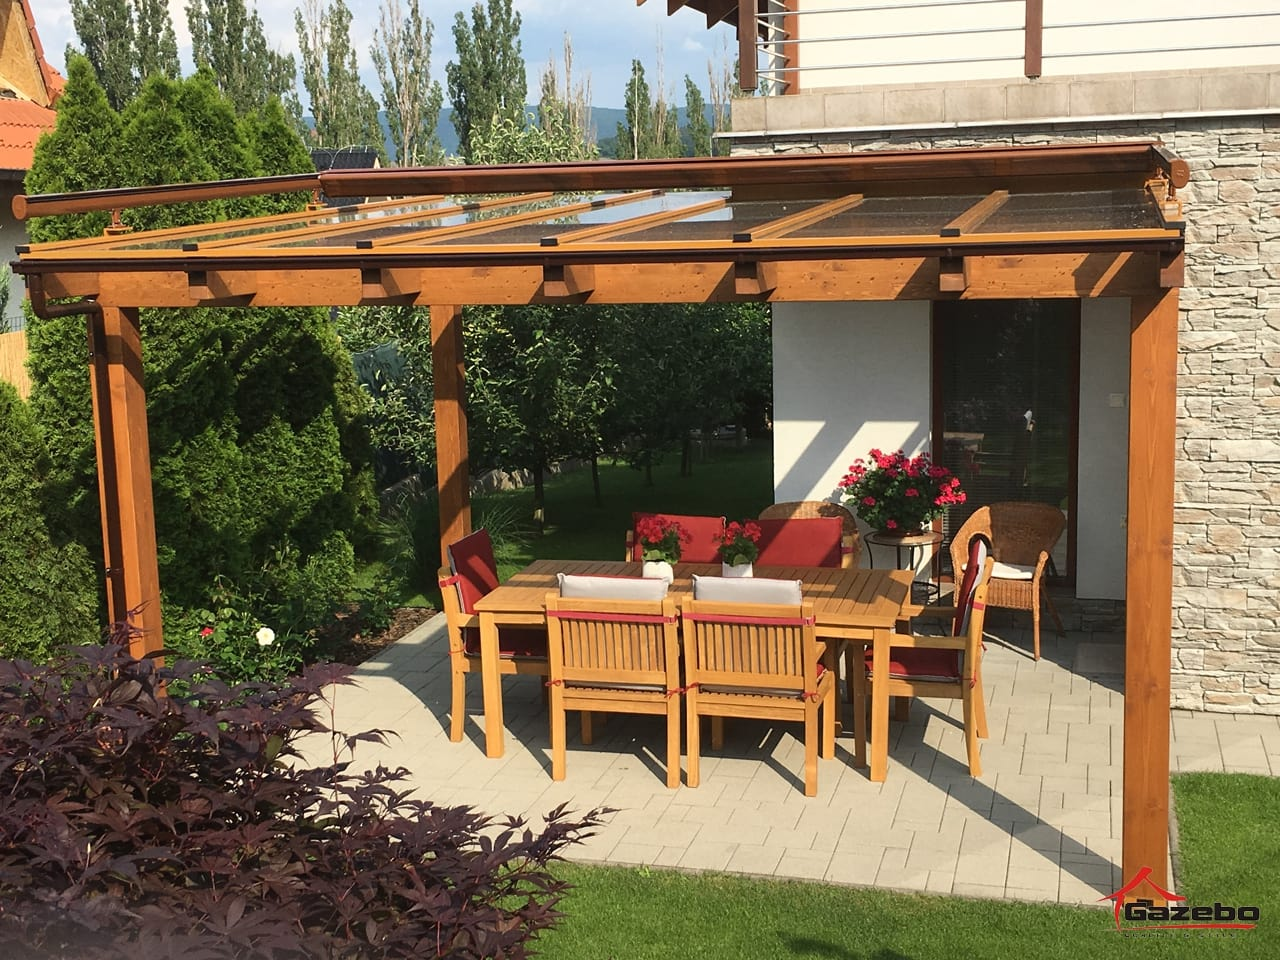 Full Size of Pergola Holz Modern Bausatz Dachterrasse Garten Selber Bauen Bauhaus Aus Selbst Exklusive Gartenpergolen Gartenlauben Pergolen Esstisch Holzplatte Esstische Wohnzimmer Pergola Holz